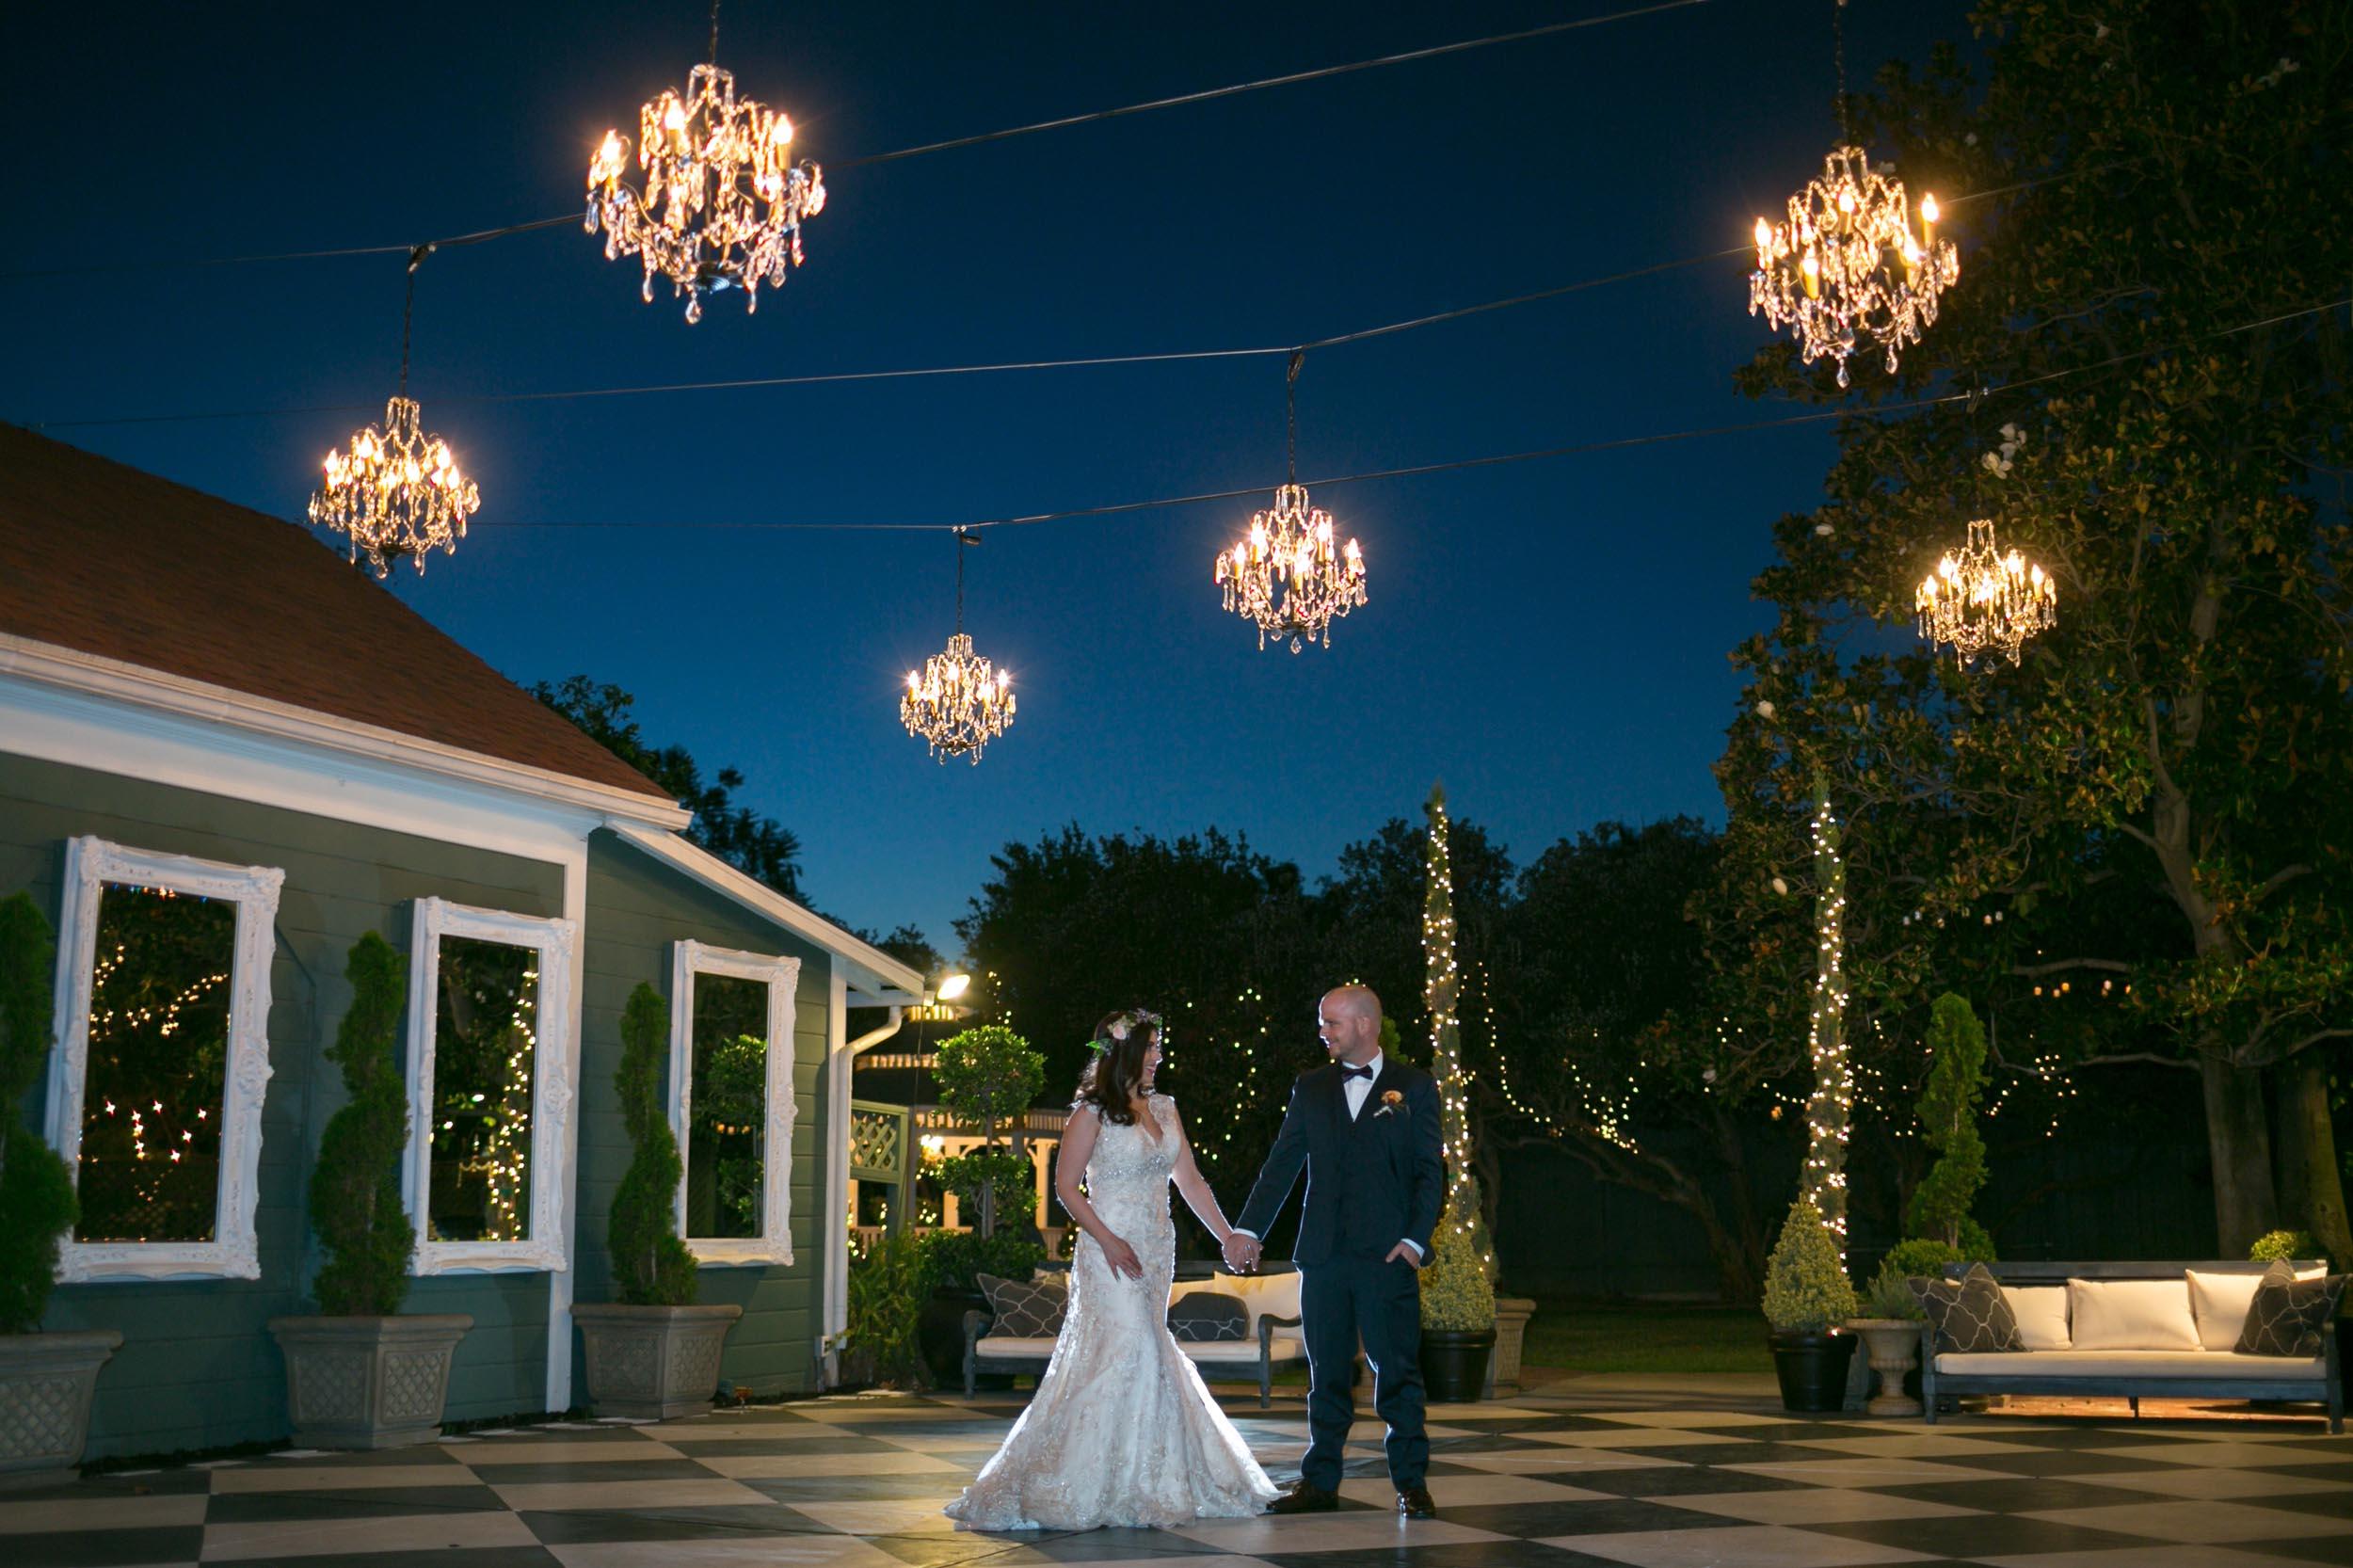 christmas-house-inn-wedding-venue-dancing-gallery-10.jpg